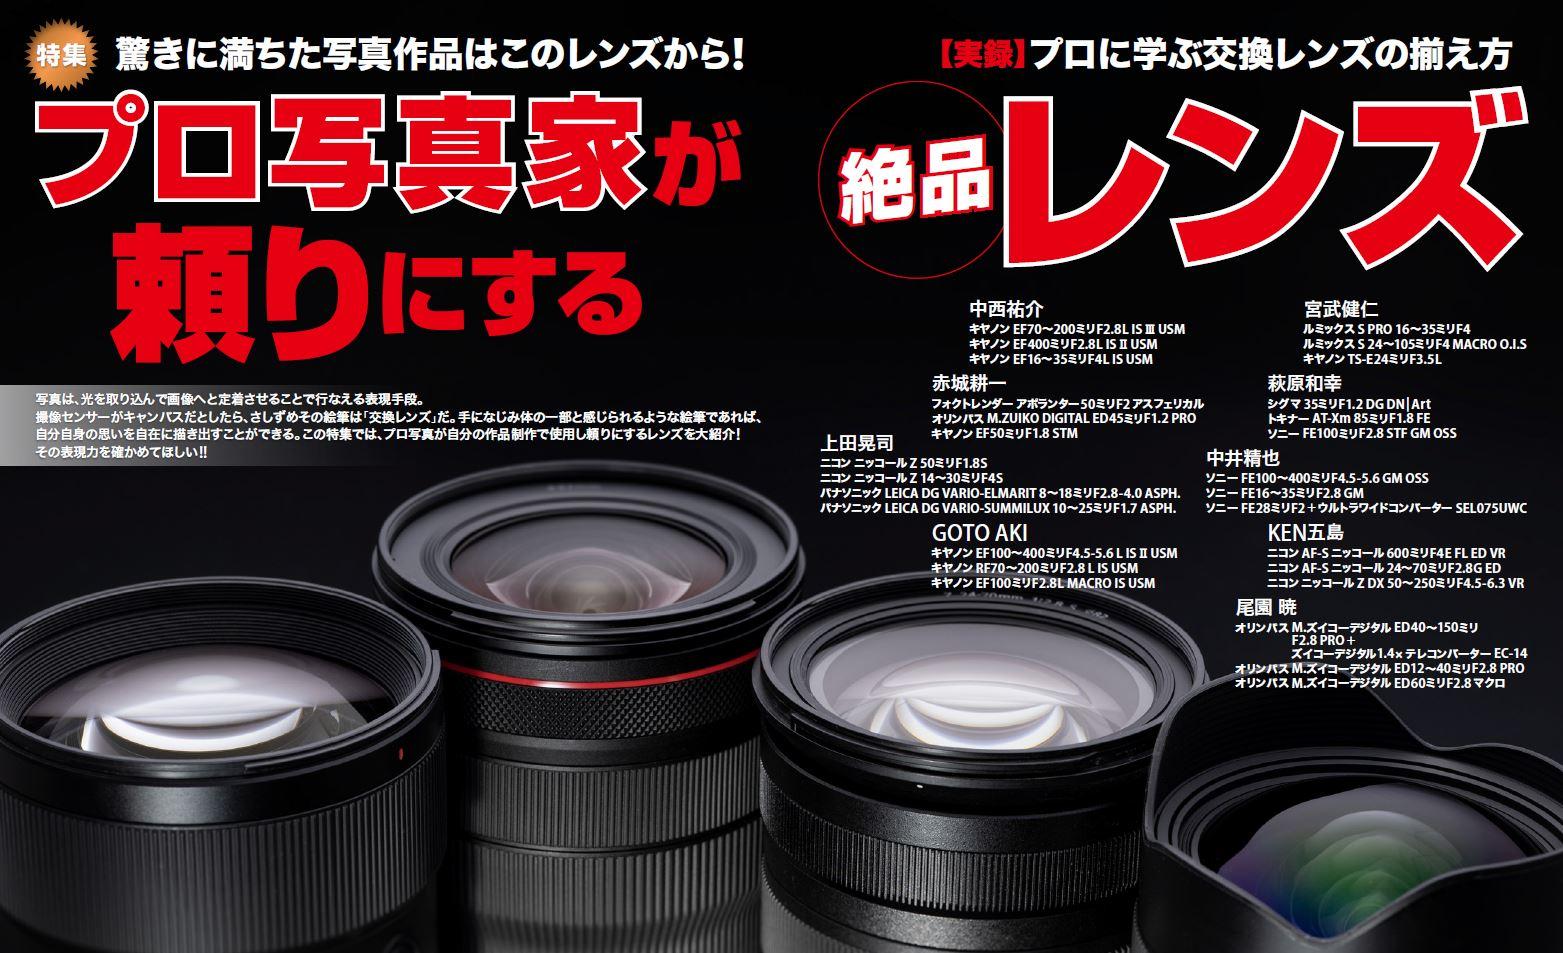 「プロ写真家が頼りにする絶品レンズ」本誌紙面